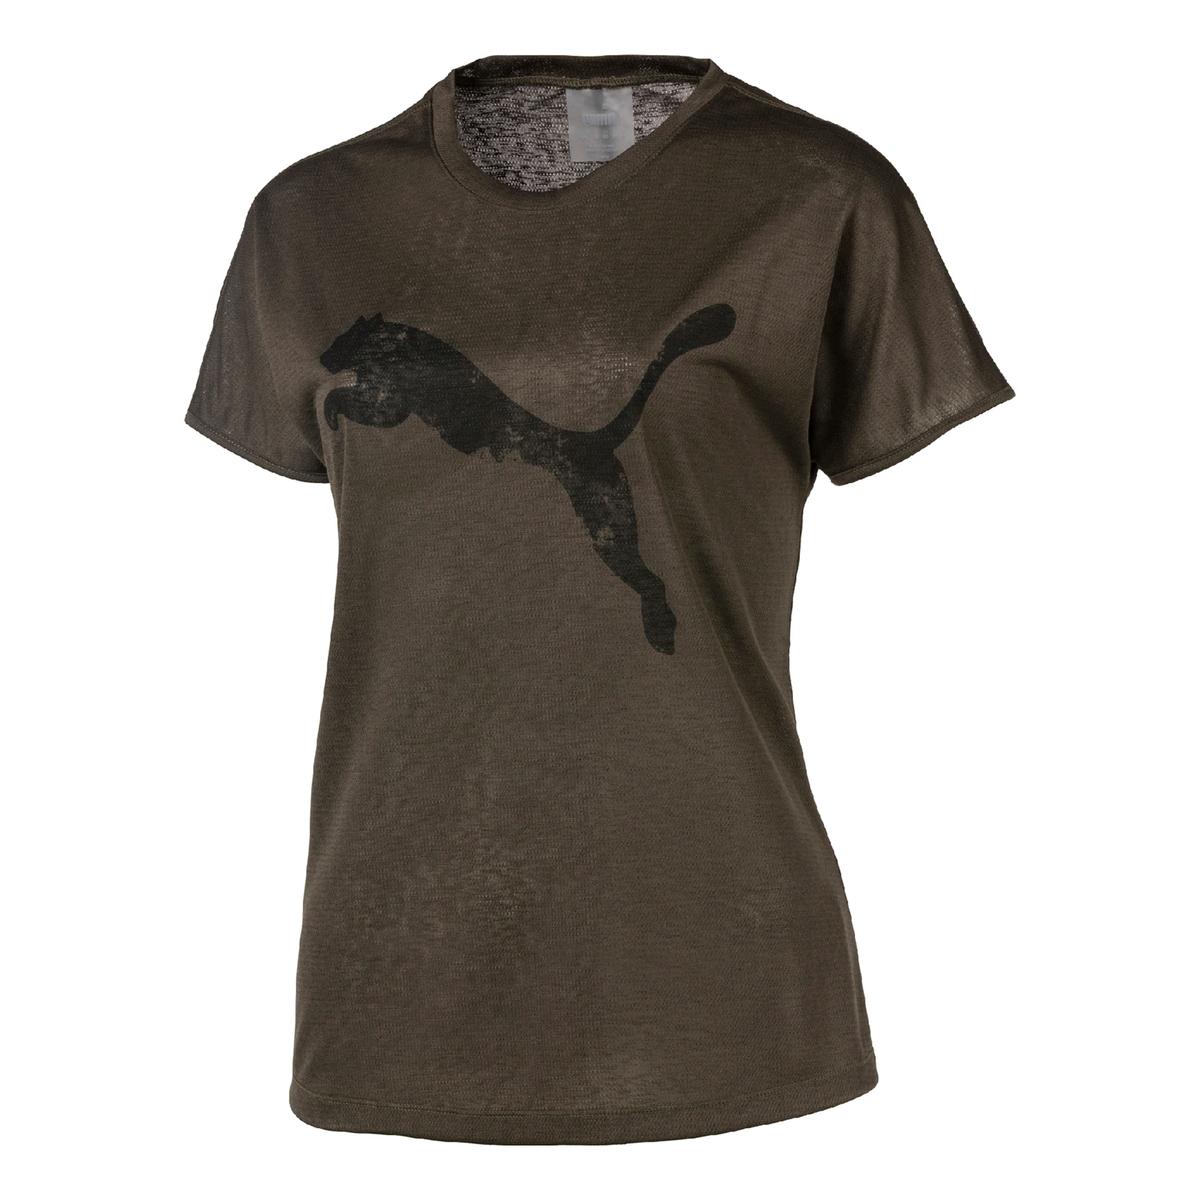 Imagen principal de producto de Camiseta con cuello redondo de manga corta y estampado delante - Puma